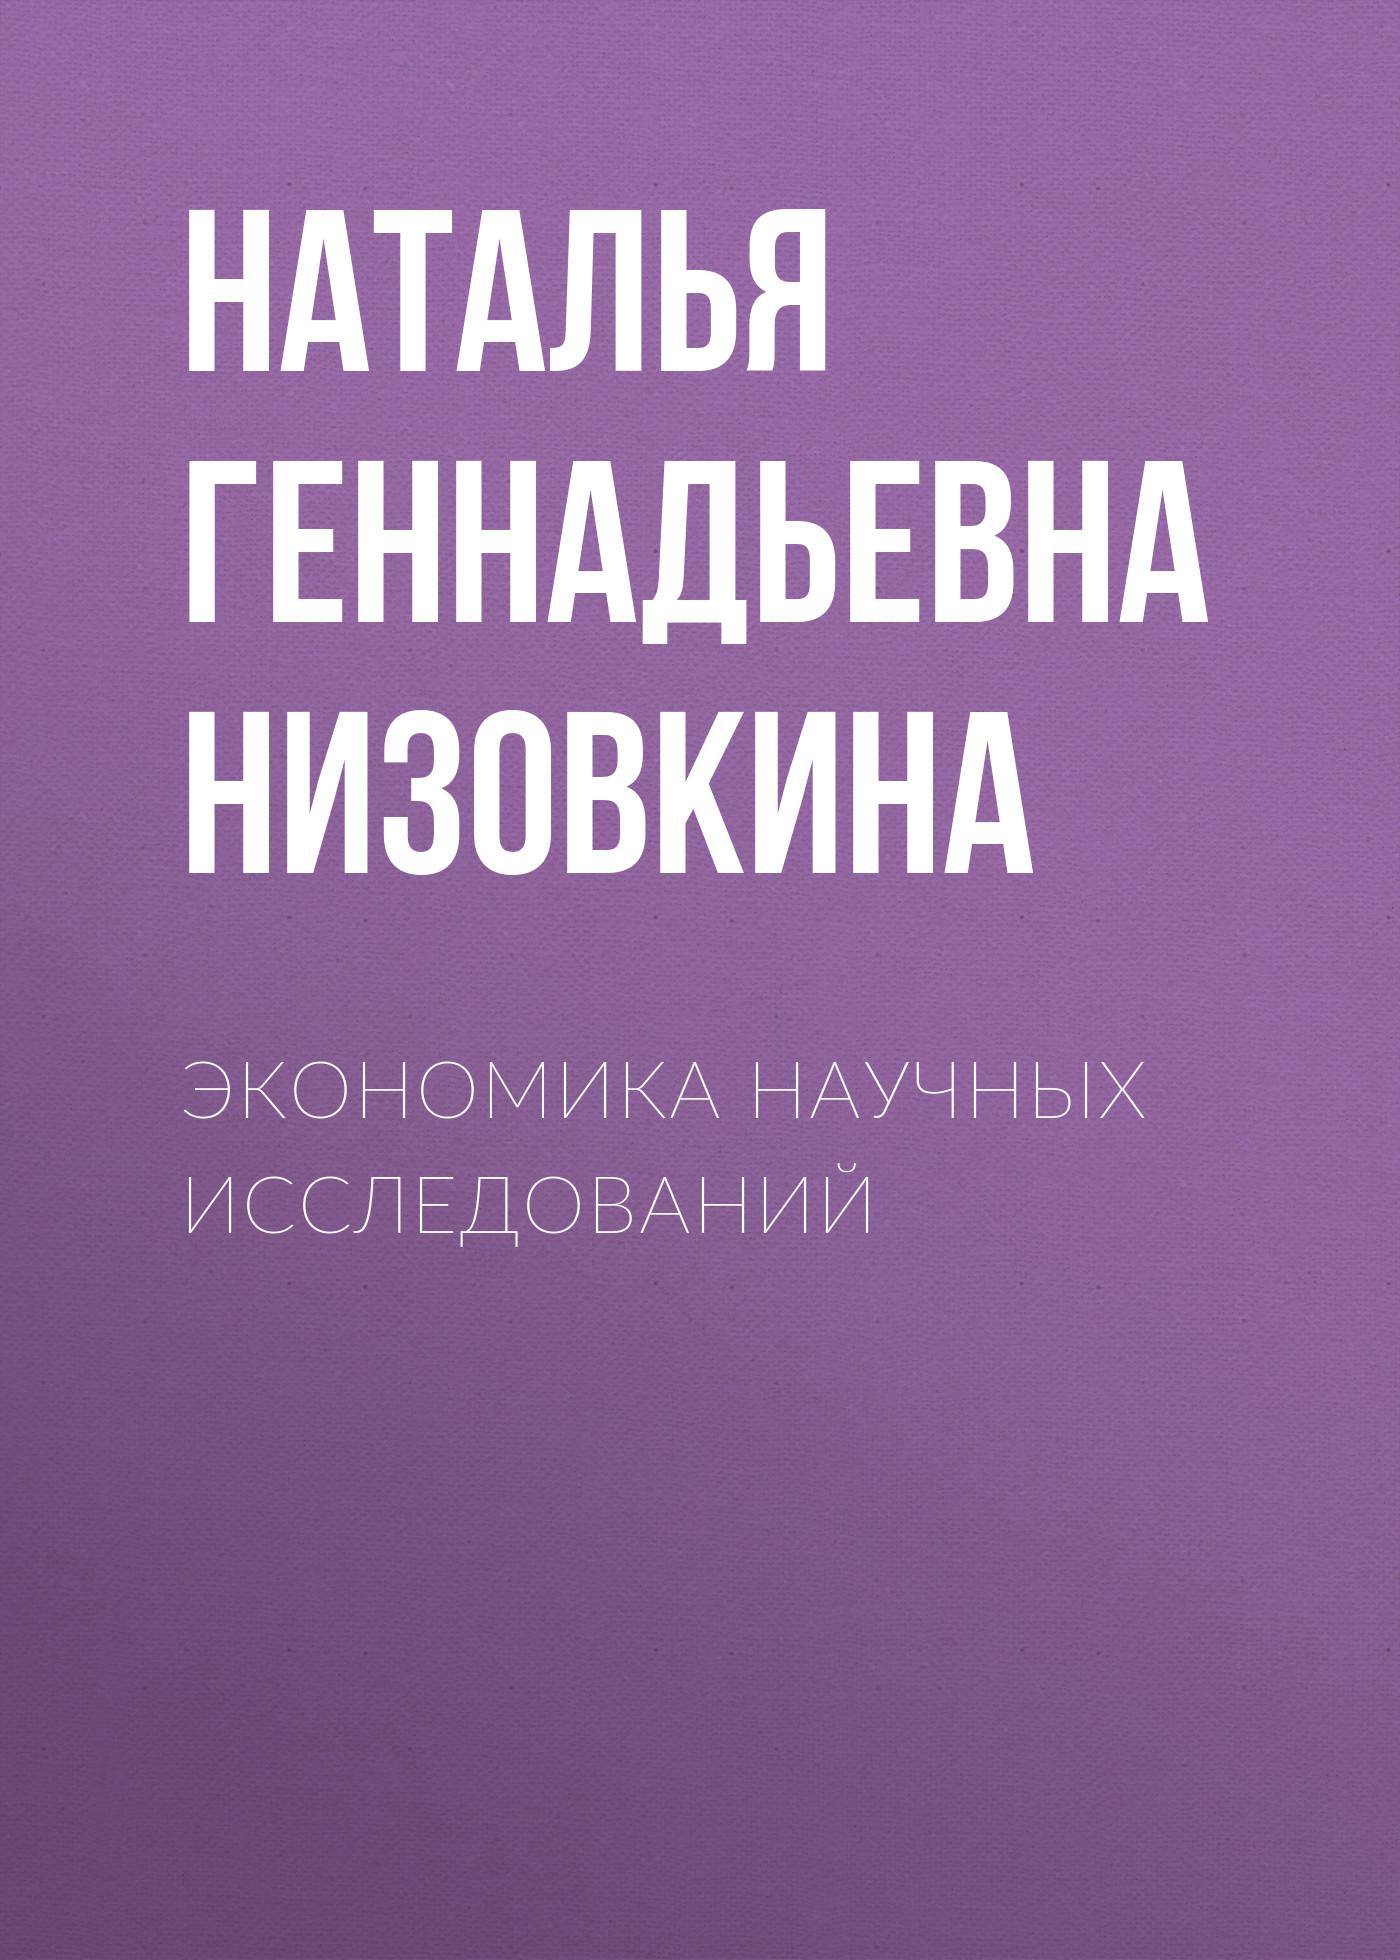 Наталья Геннадьевна Низовкина Экономика научных исследований рыжков и основы научных исследований и изобретательства учебное пособие